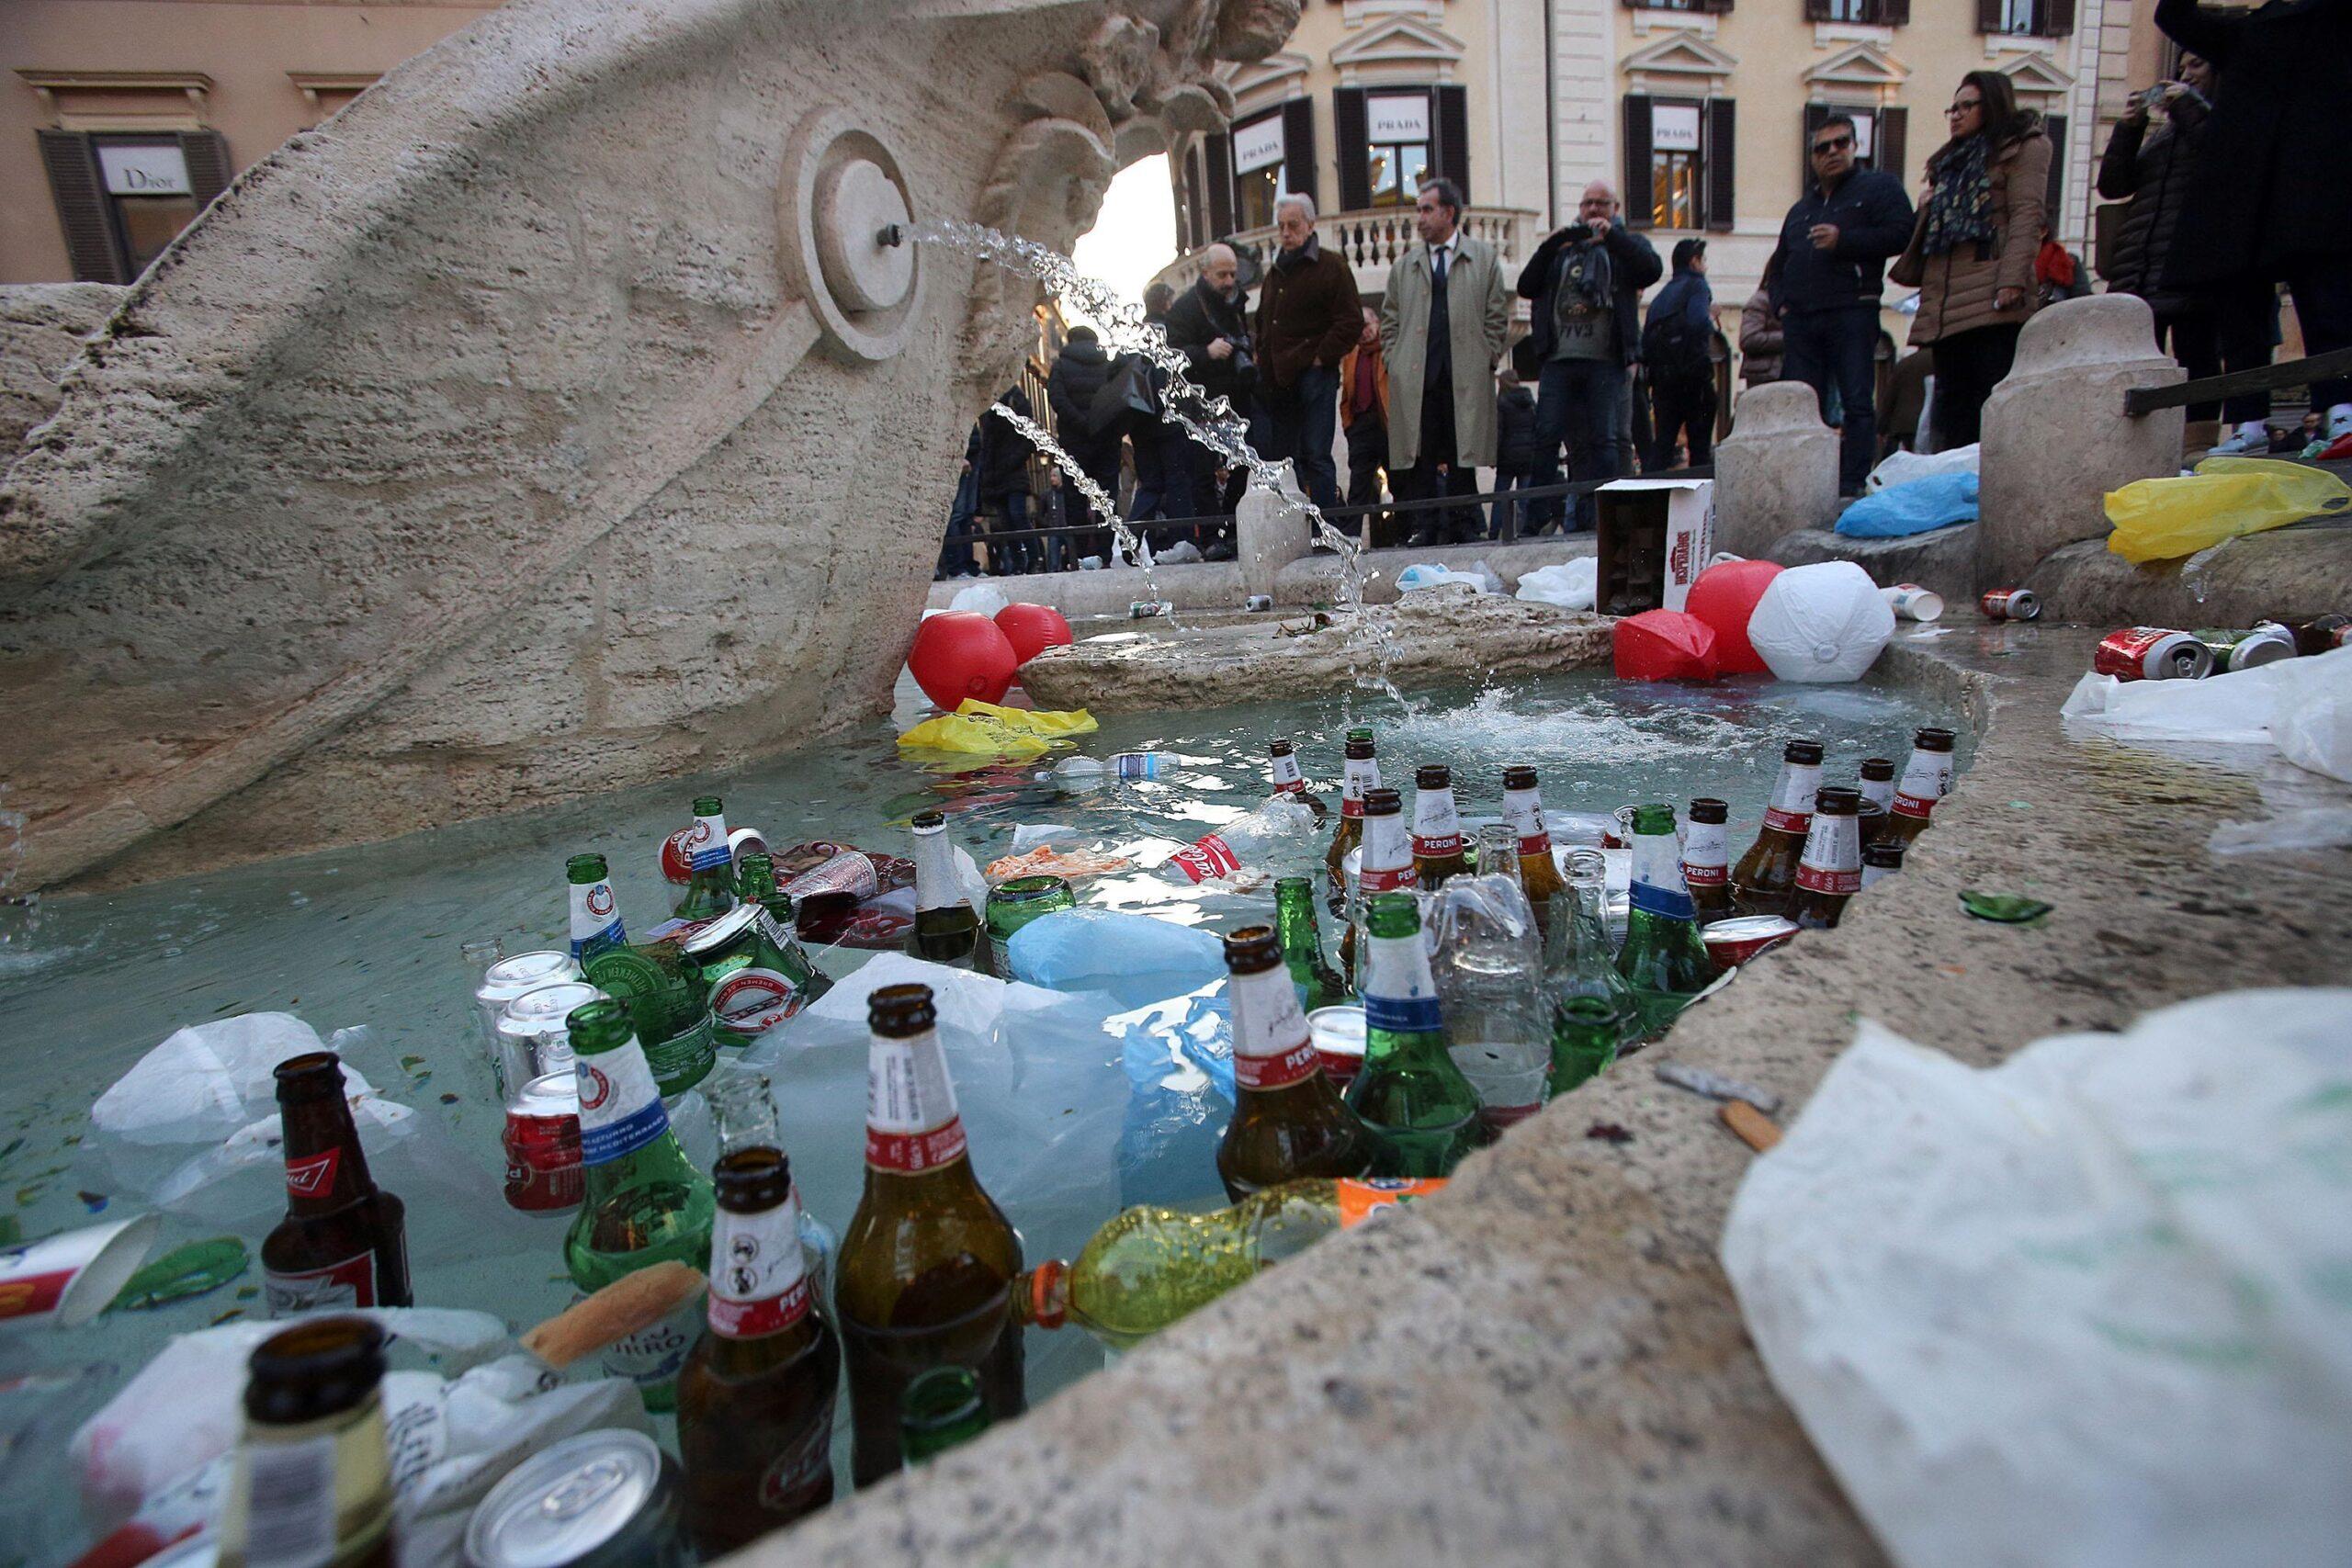 Danni alla Barcaccia del Bernini in Piazza di Spagna